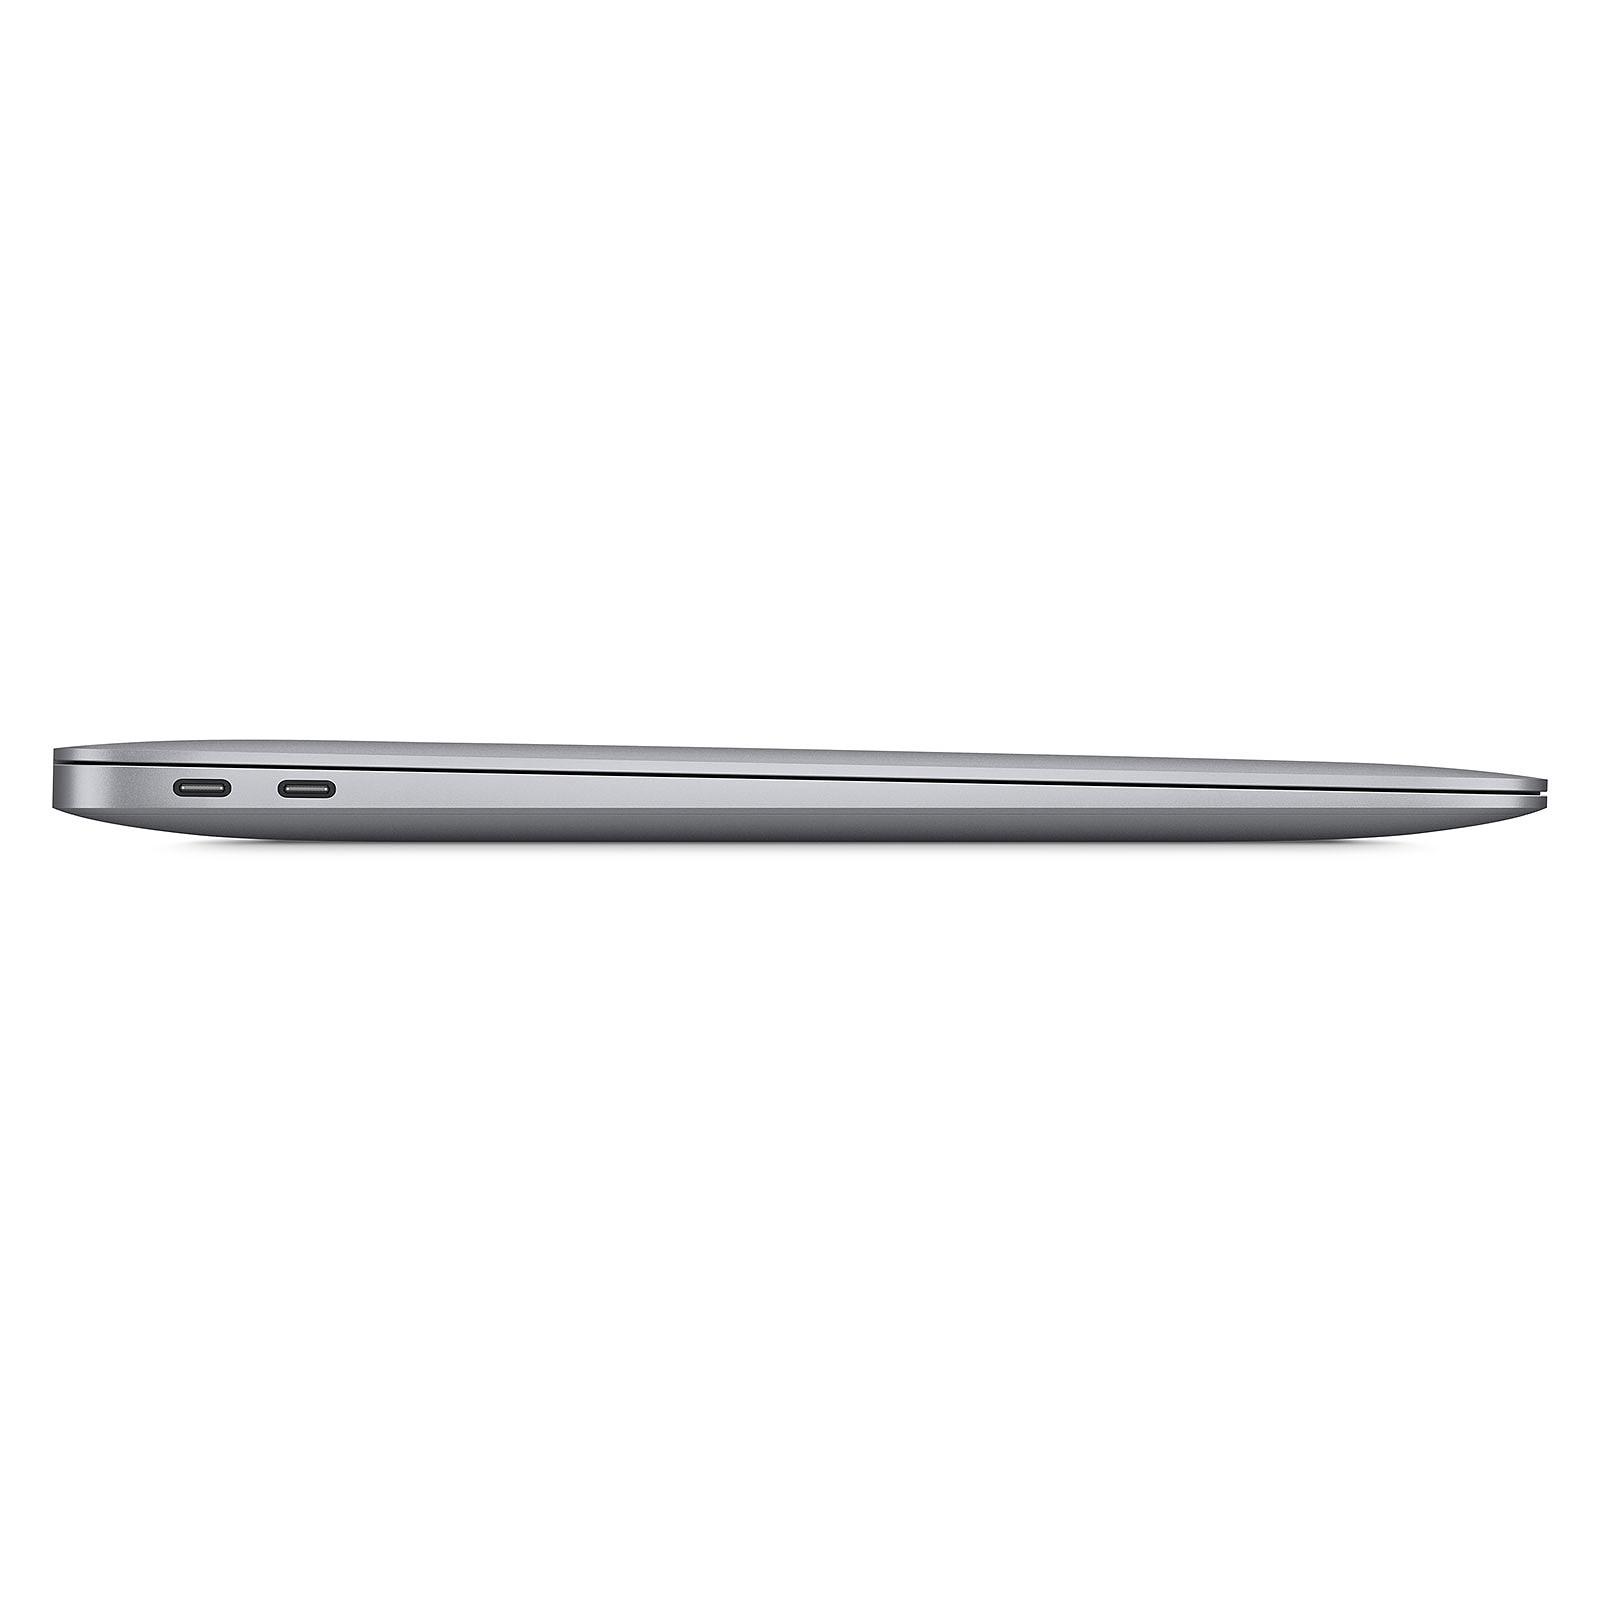 MacBook Air M1 13.3